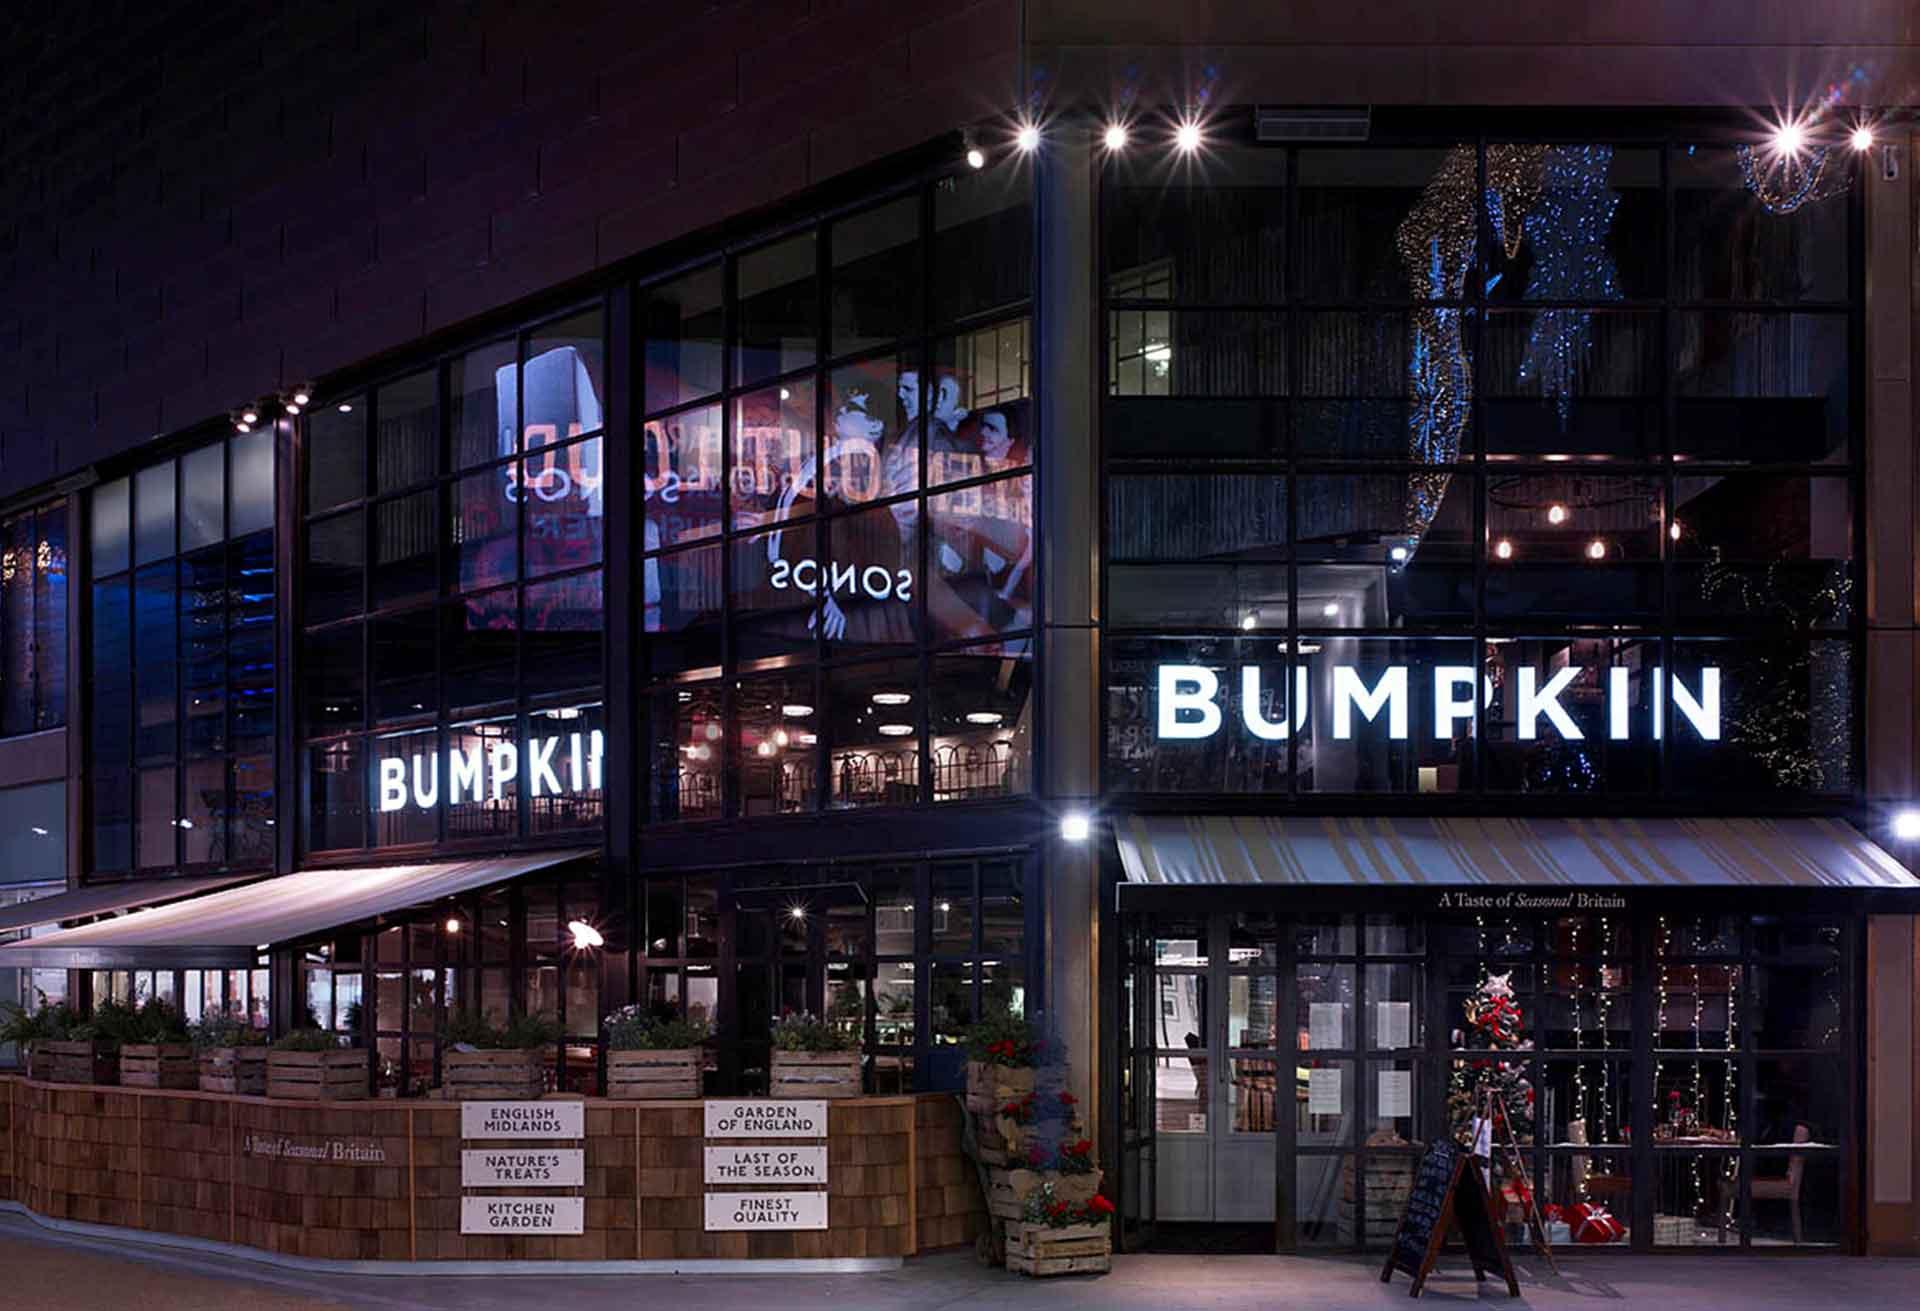 Bumpkin-6.jpg